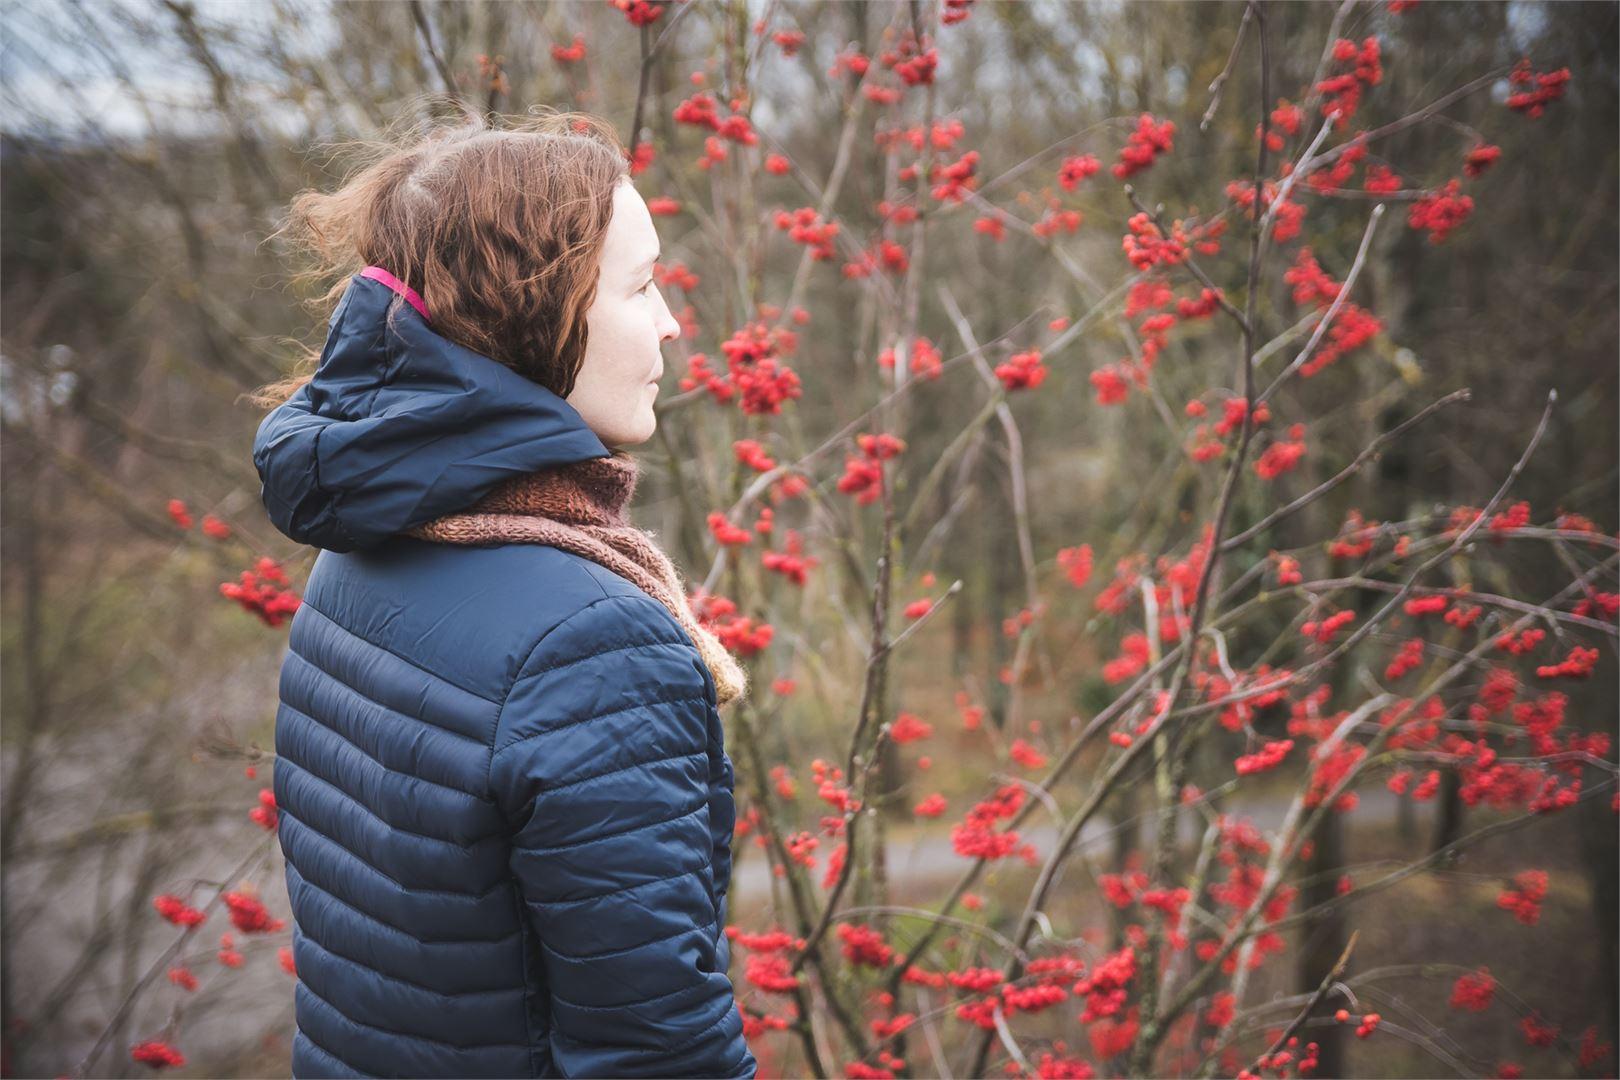 Sadulle yksinäisyyden keskellä tärkeiksi asioiksi ovat nousseet luonto, eläimet, taiteellisuus ja liikunta. Kuva Toni Forssell